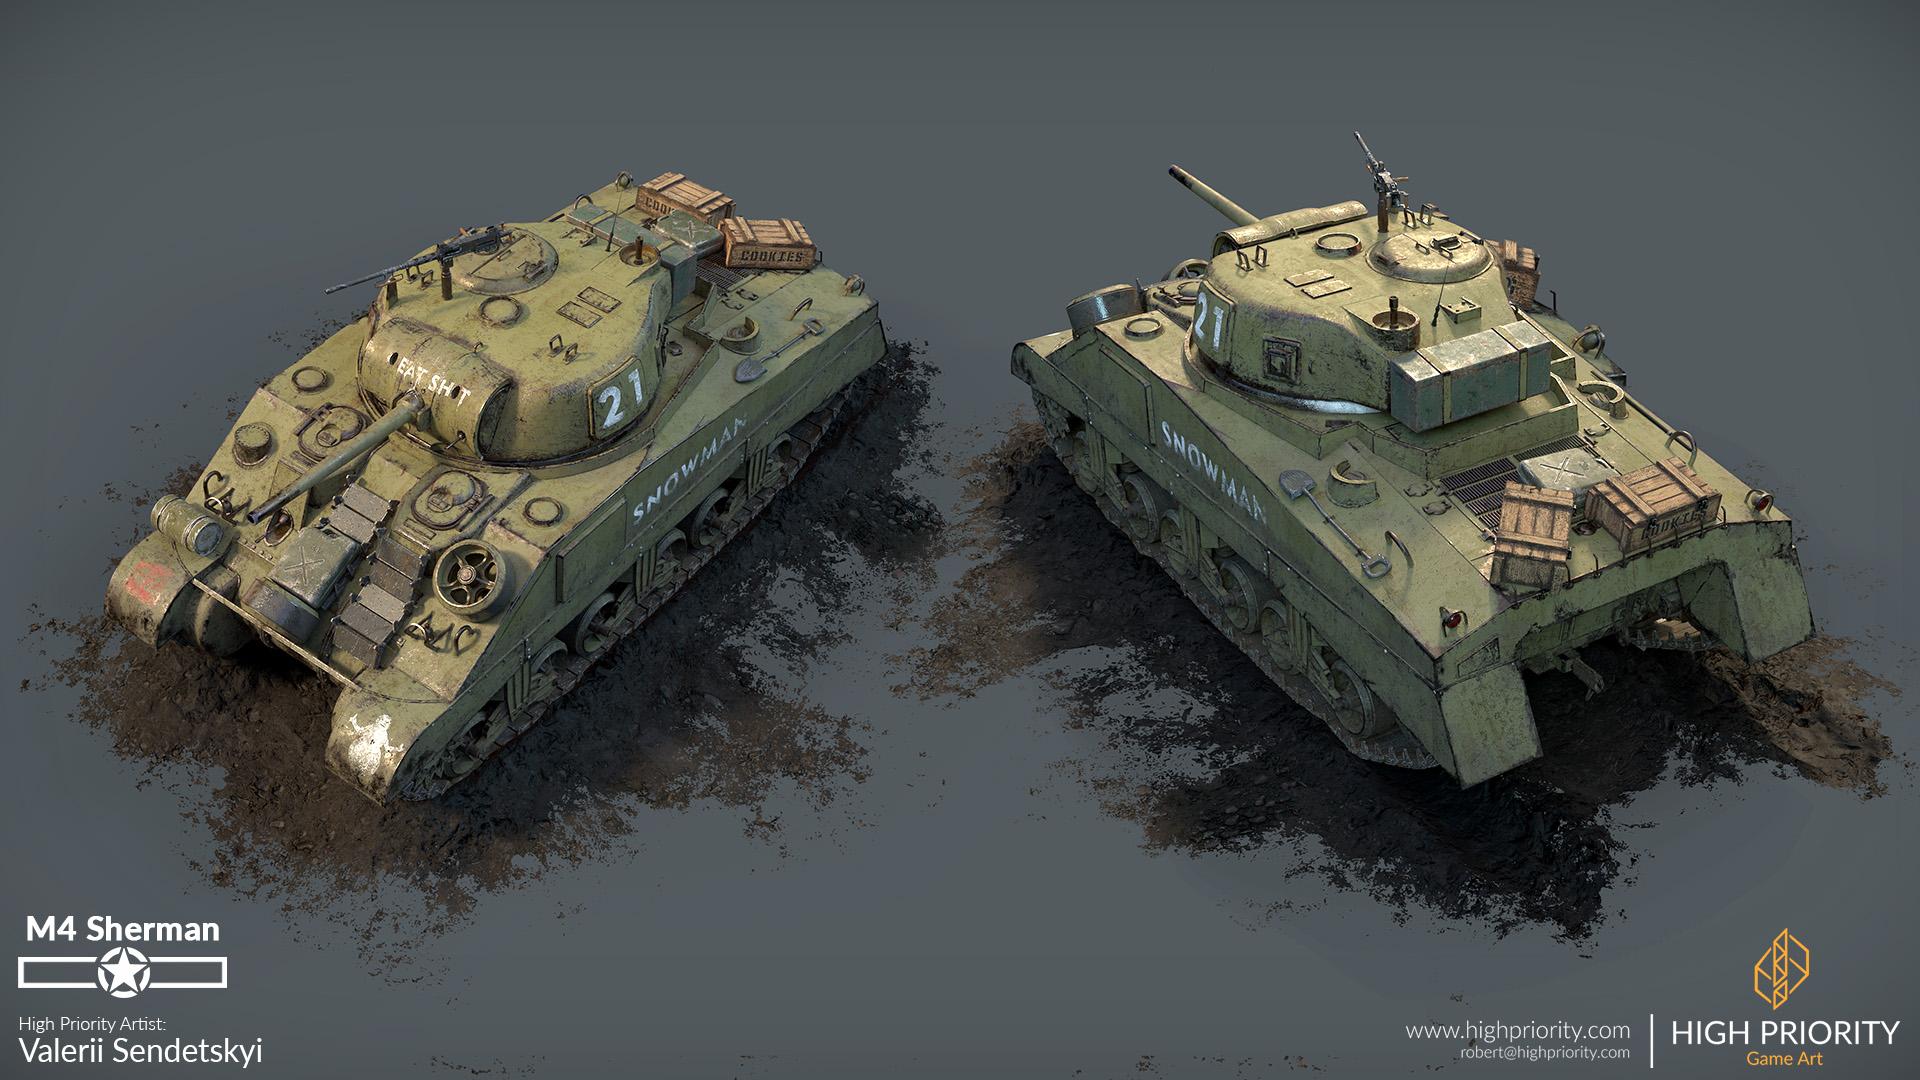 High Priority - Valerii - M4 Sherman - 05